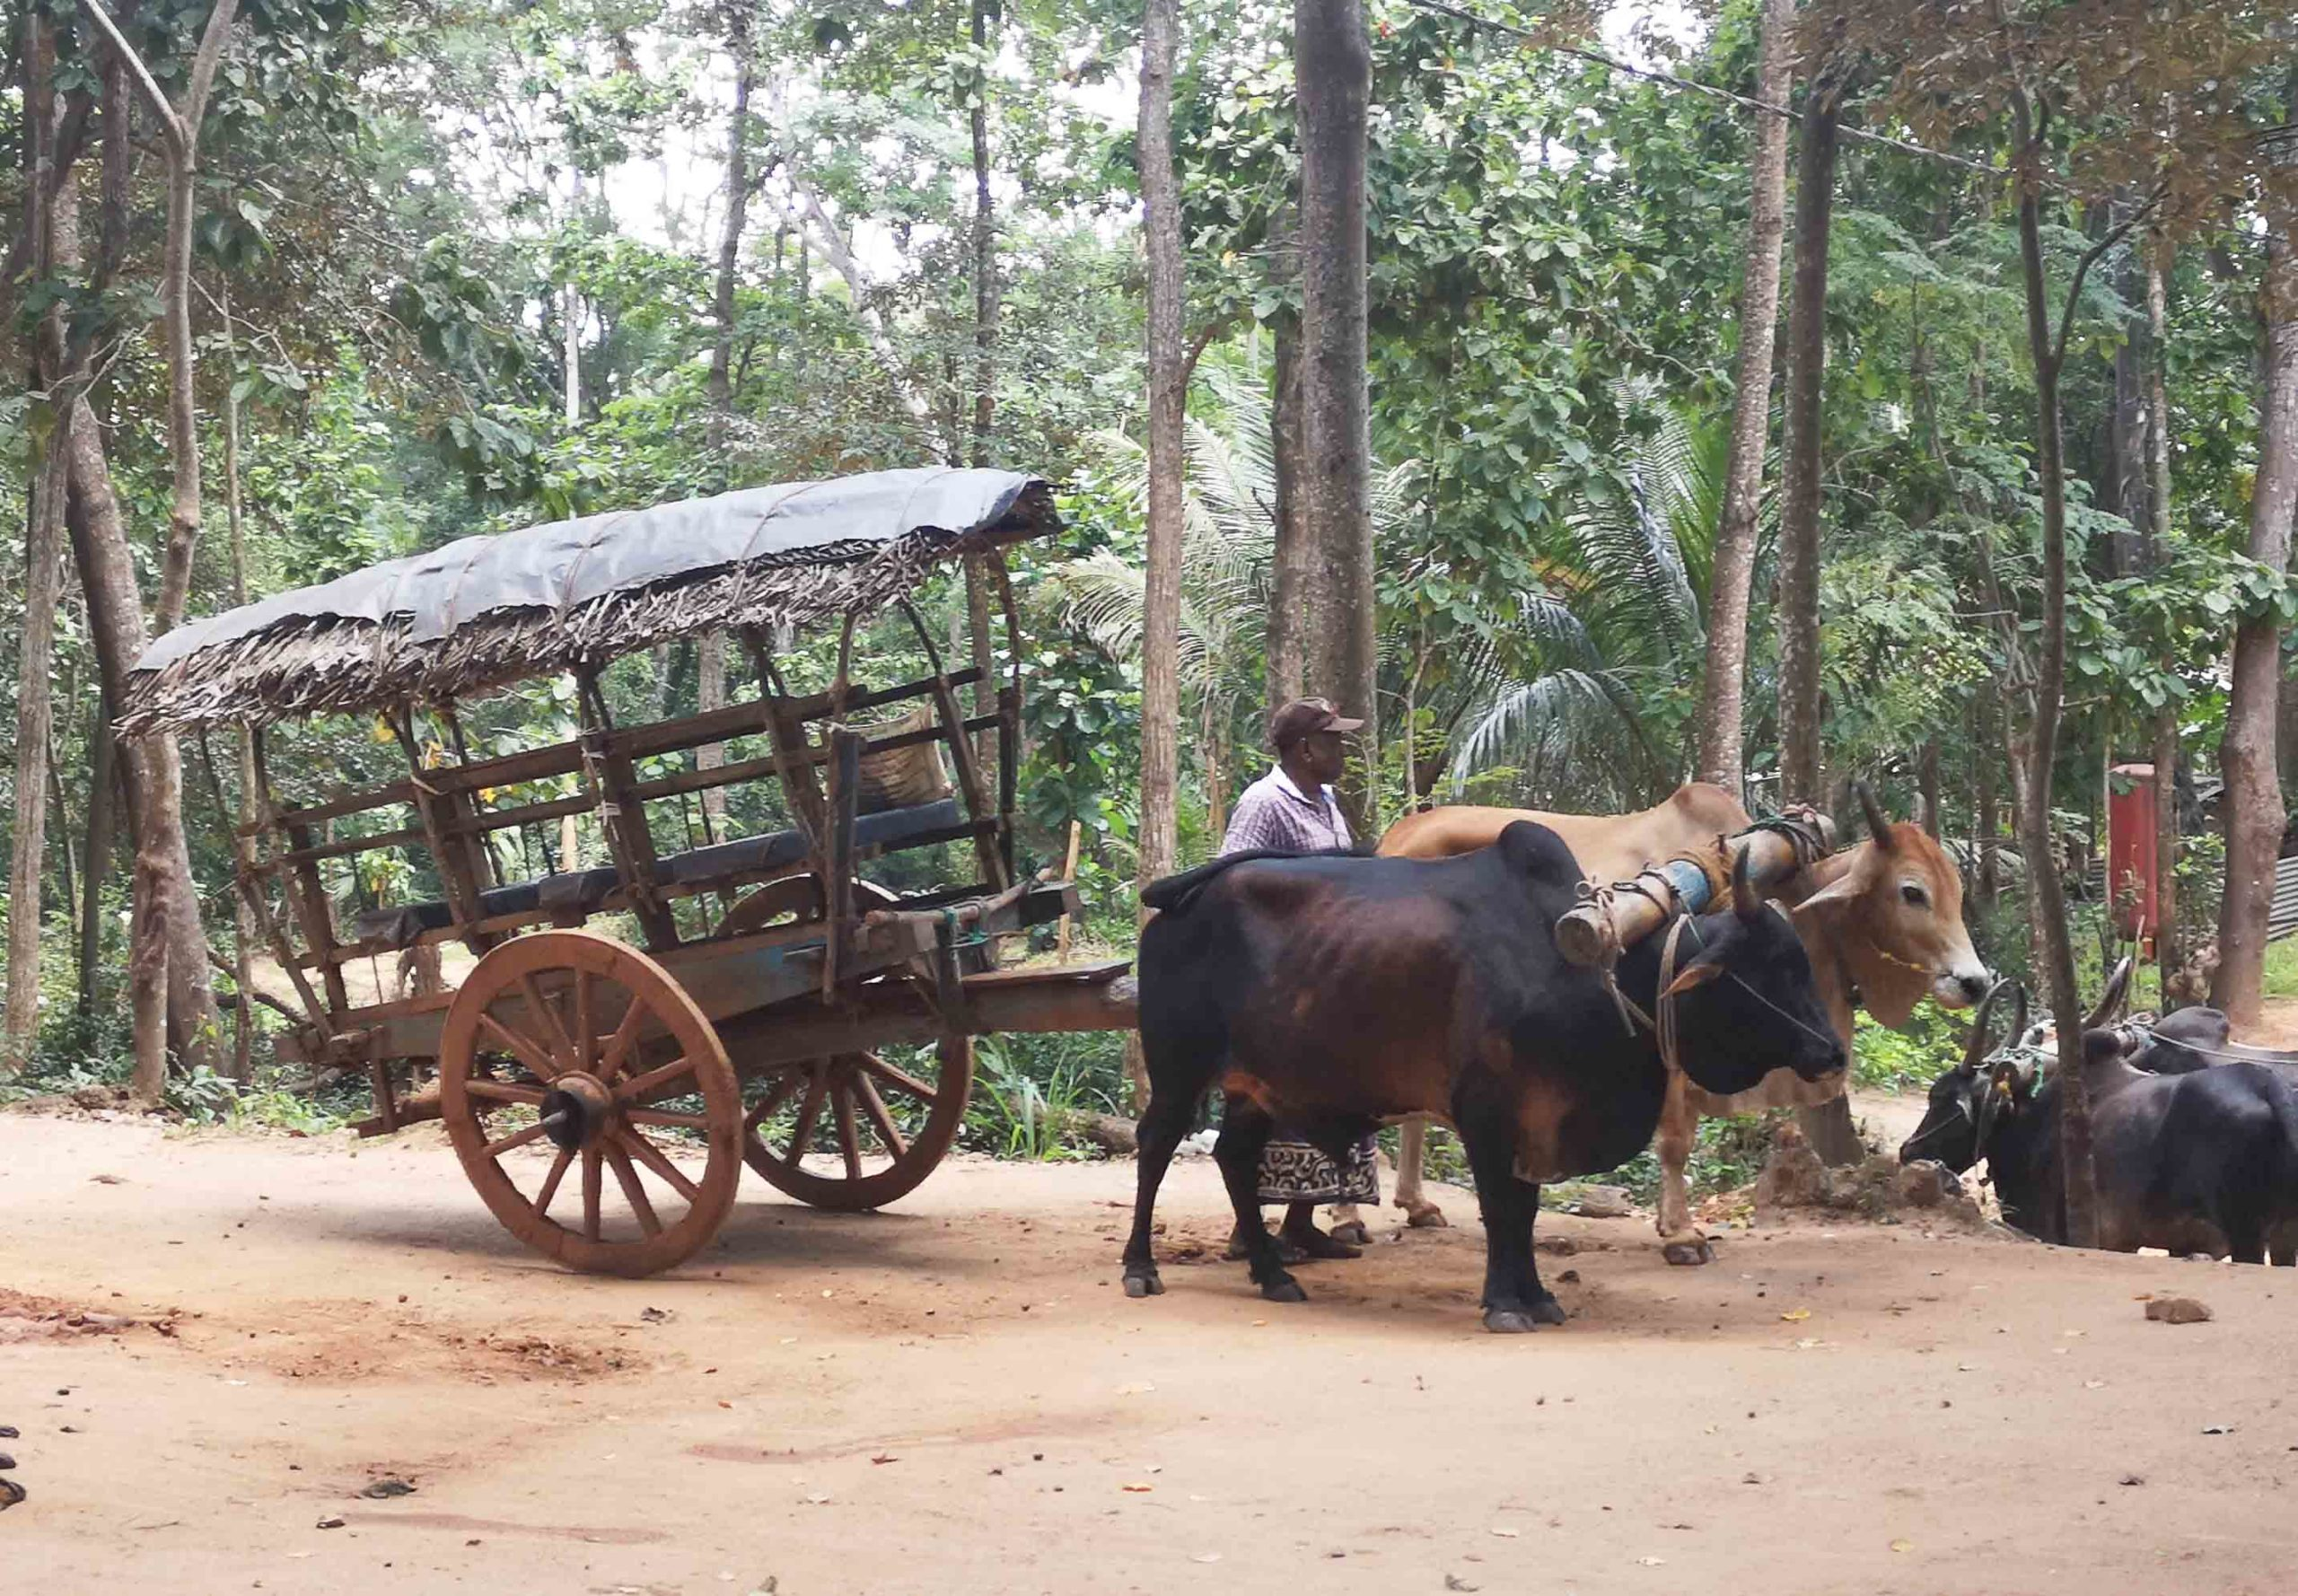 буйволы повозка шри ланка фото